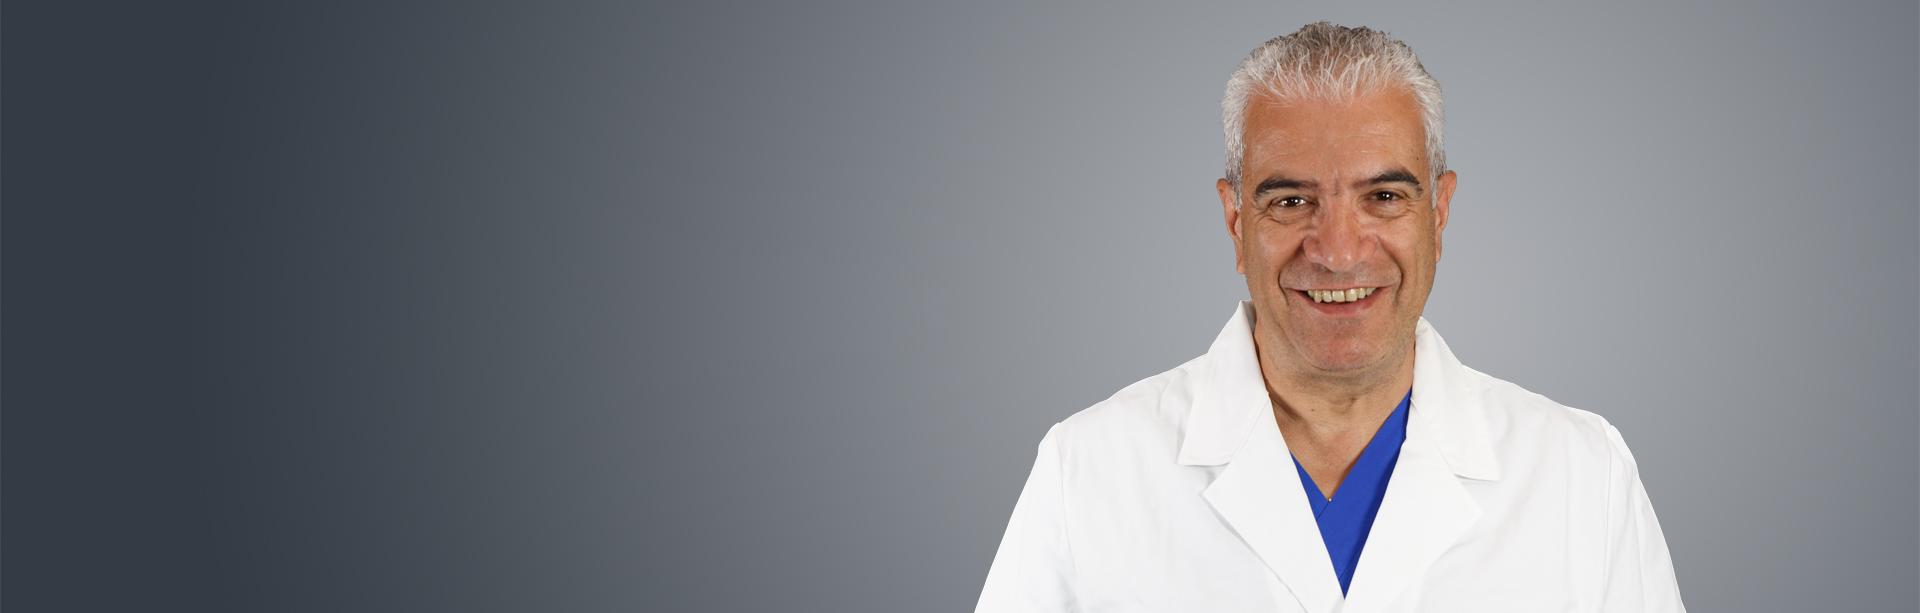 Milano: primo impianto di protesi non cementata su paziente allergico